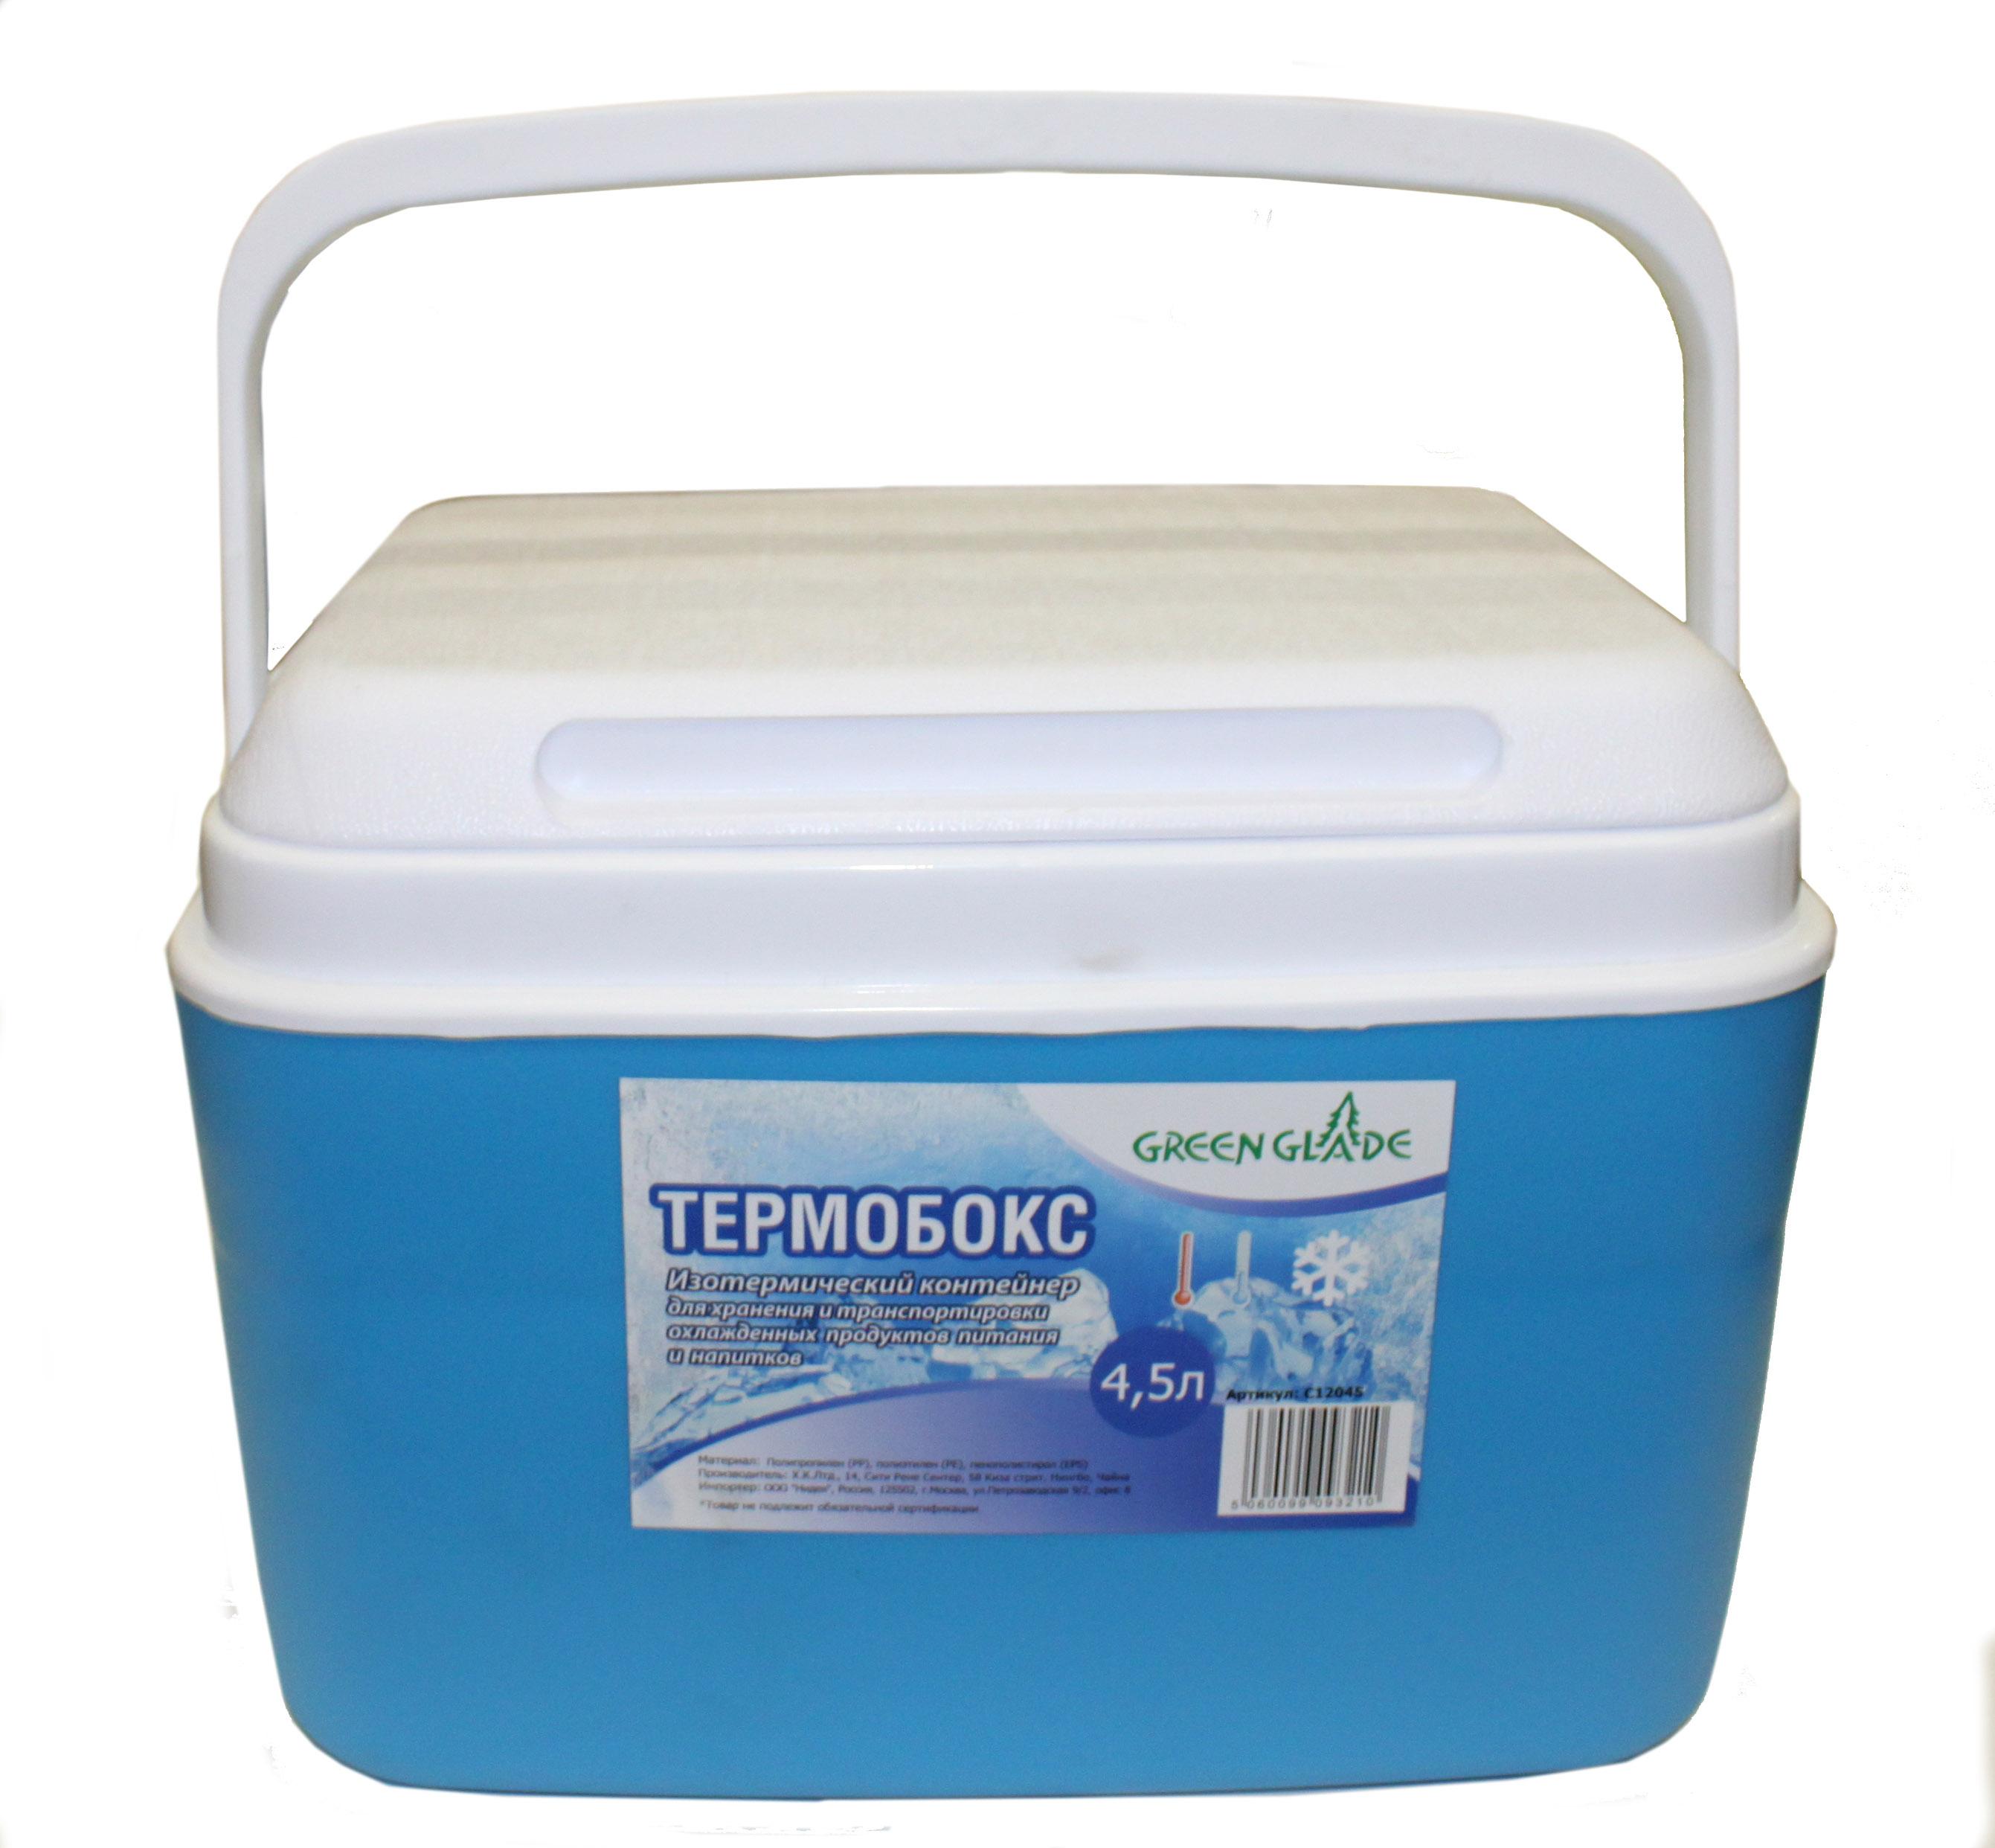 Термоконтейнеры для транспортировки продуктов питания